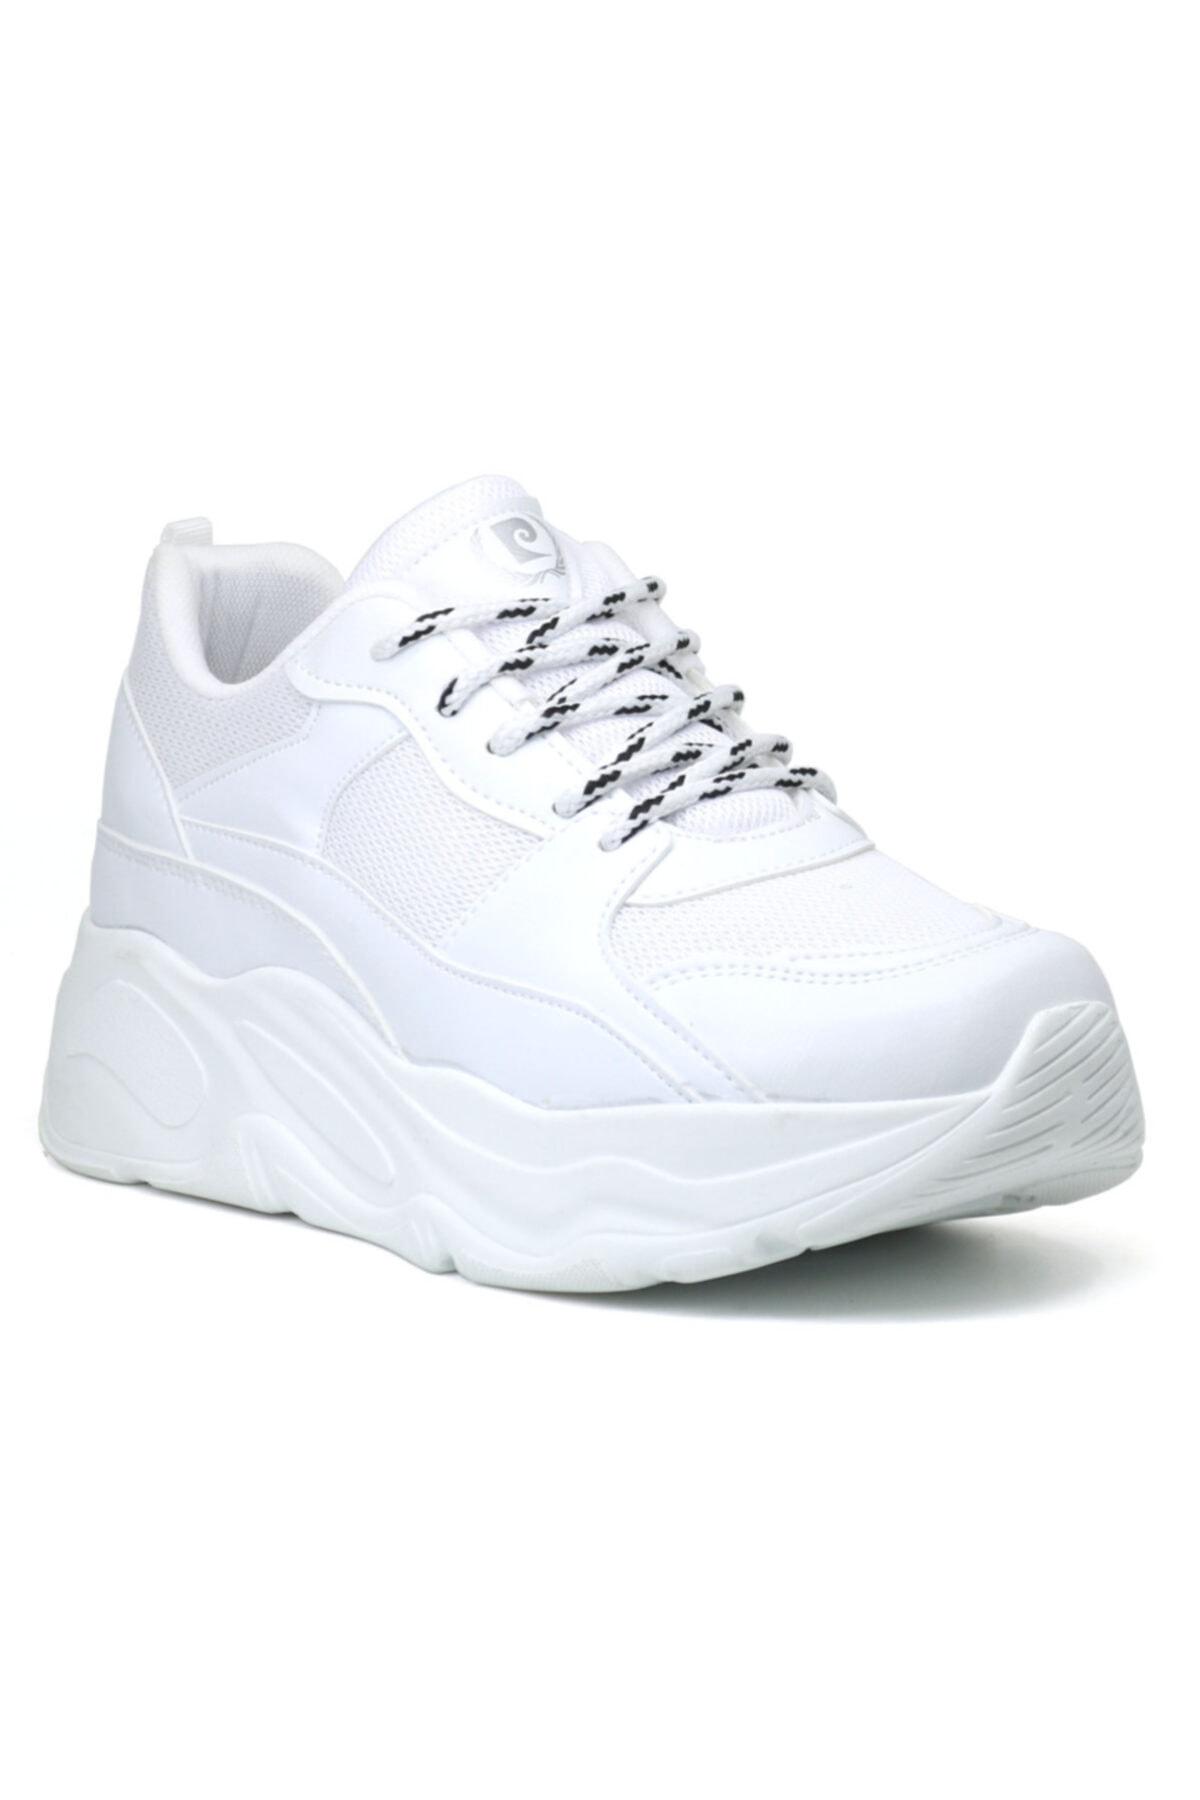 Pierre Cardin 30061 Yüksek Taban Kadın Spor Ayakkabı 1